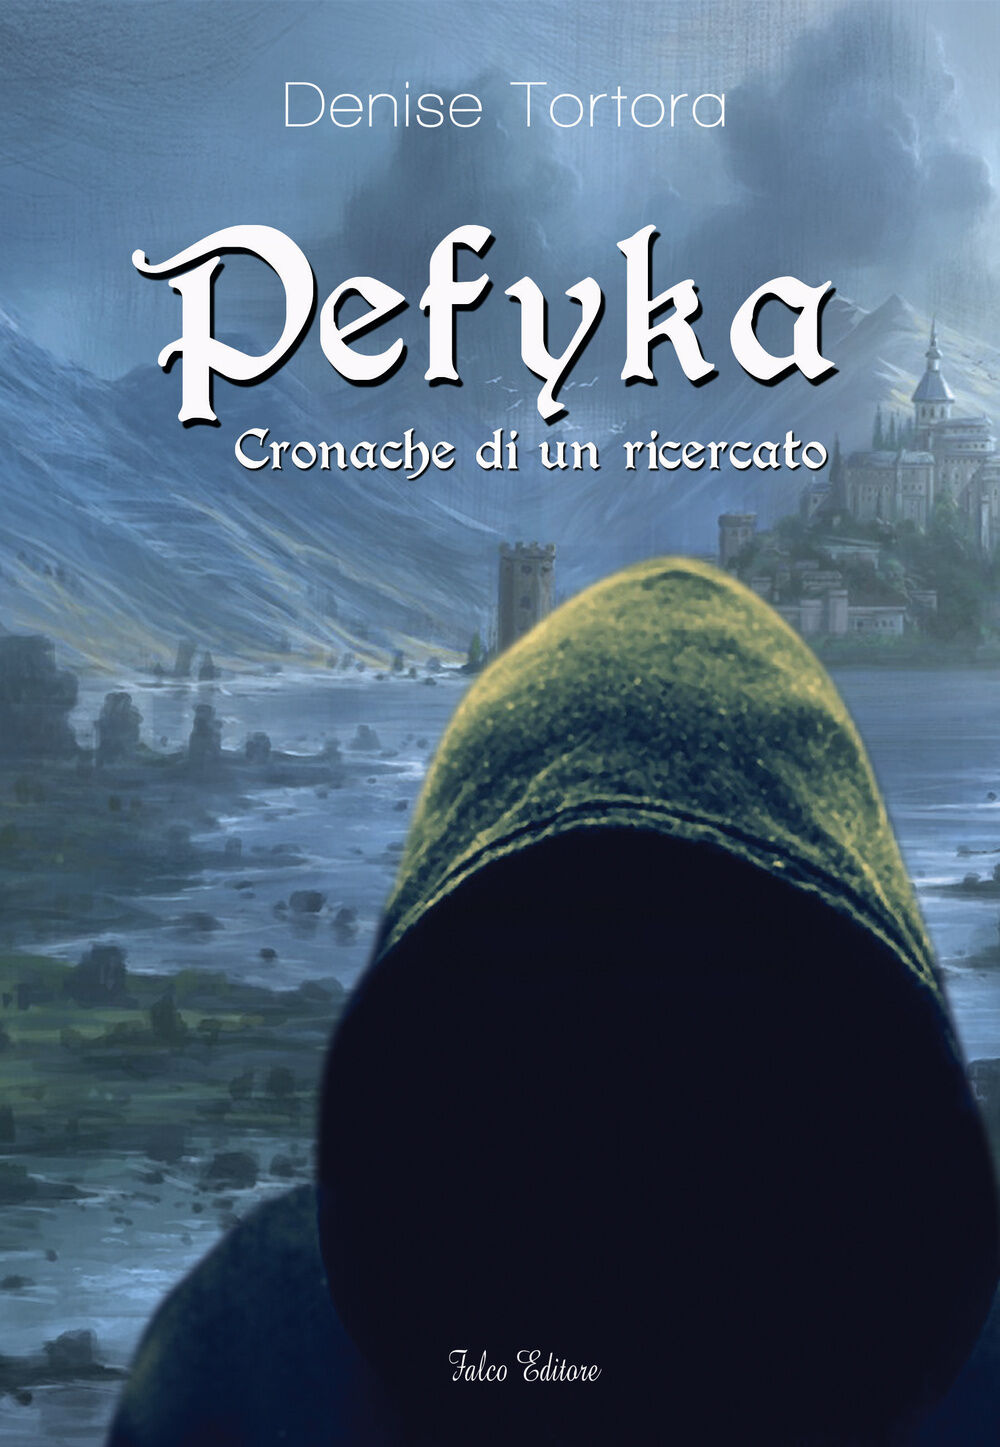 Pefyka. Cronache di un ricercato